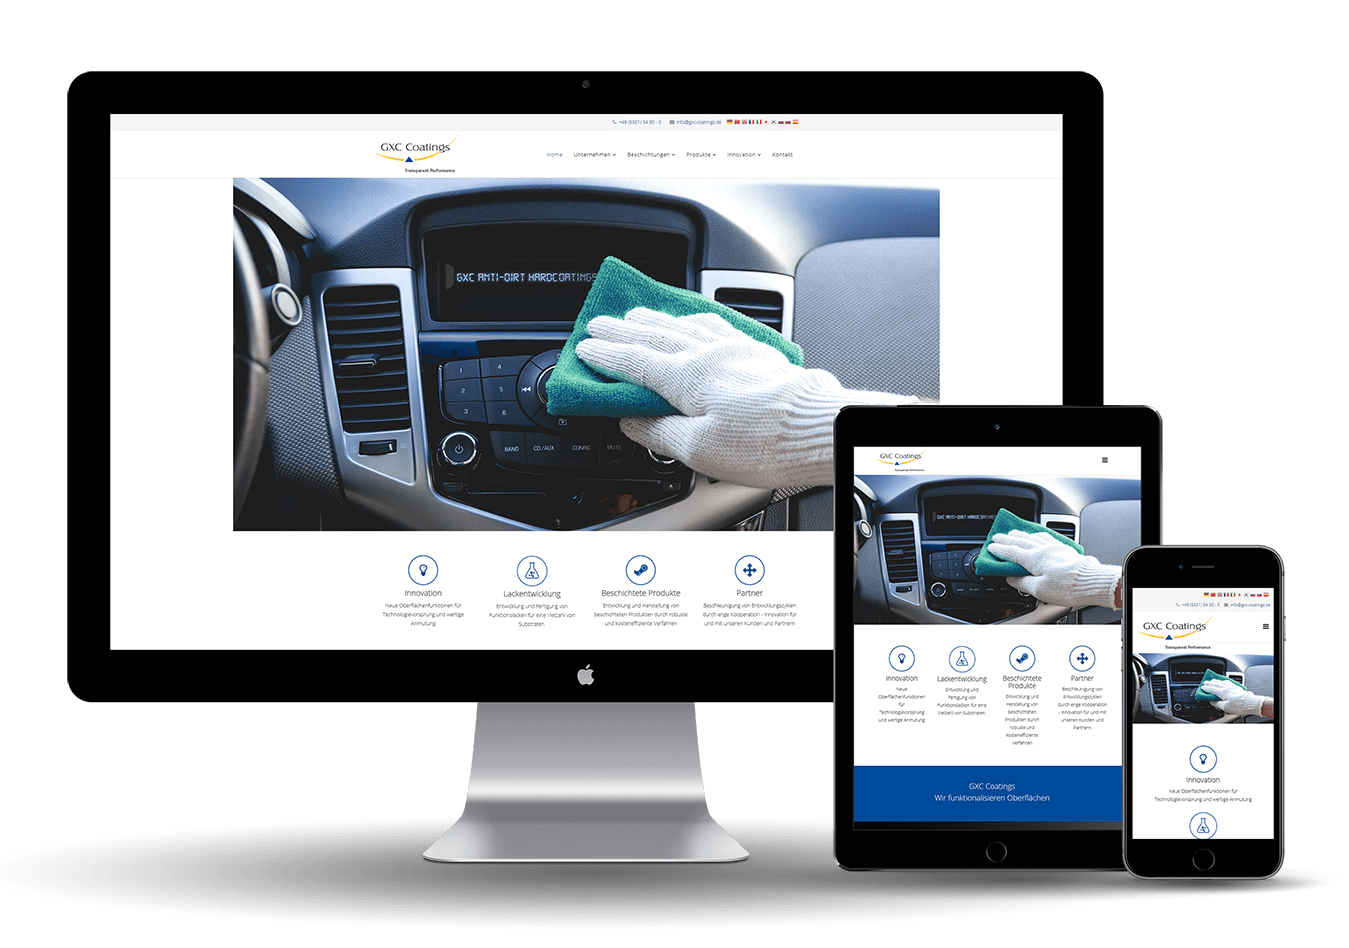 Online Marketing United - GXC Coatings